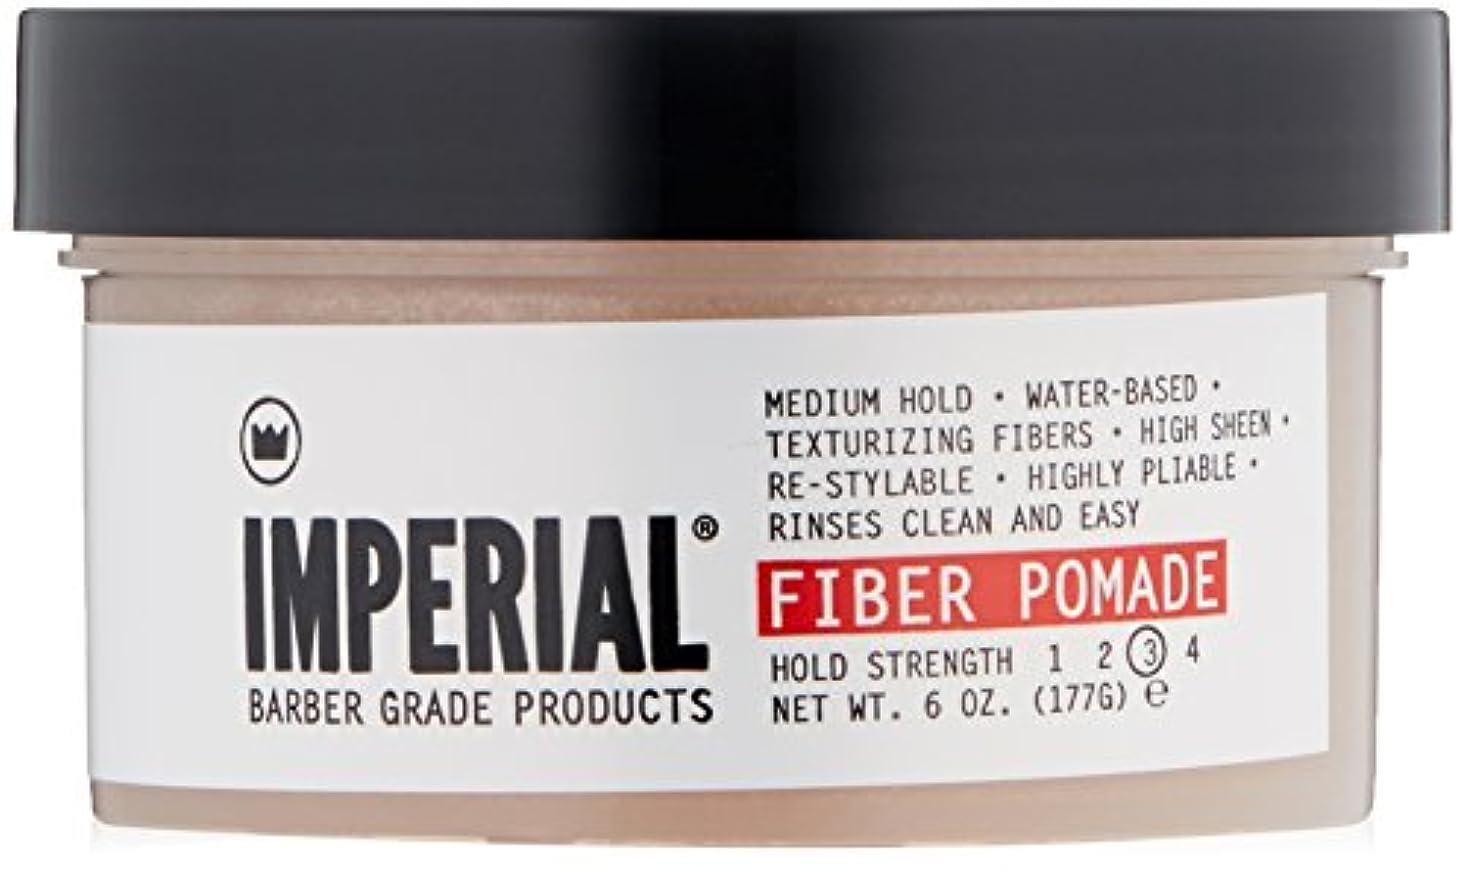 有益一族居間Imperial Barber グレード製品ファイバーポマード6 0Z。 72.0オンス